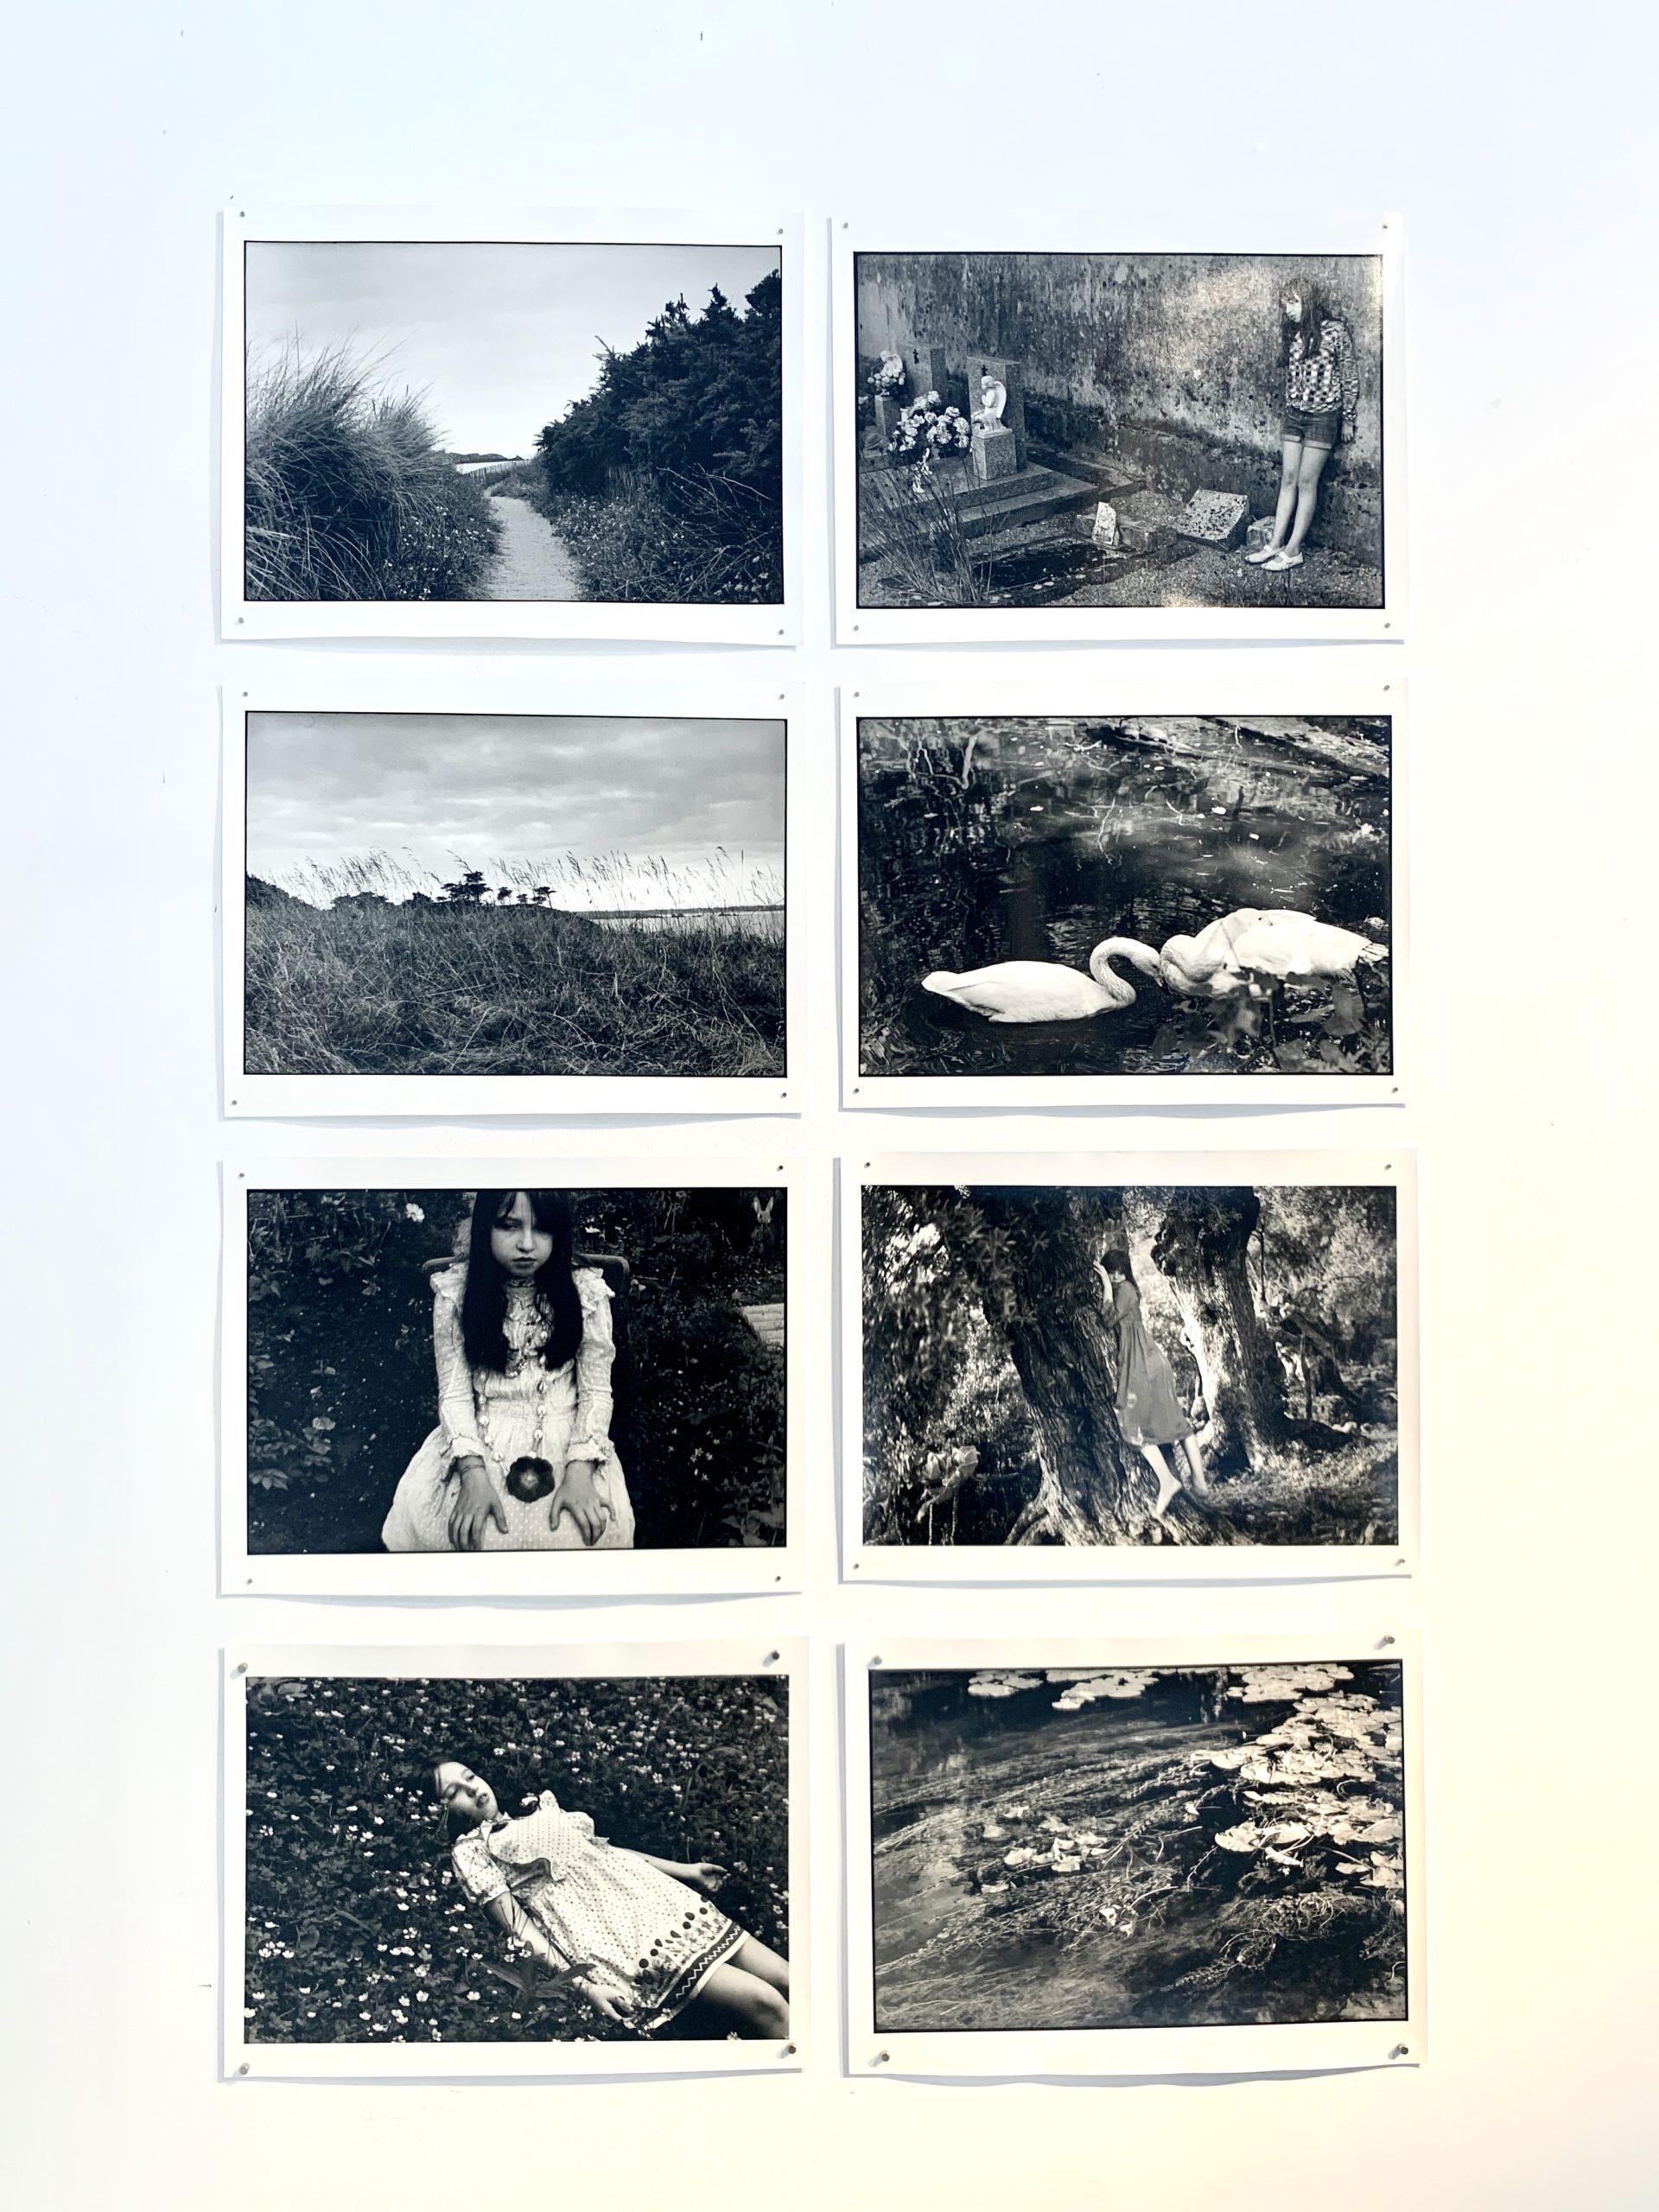 Gil Lesage, photographies.»Mauvaises graines», Paris, 22, rue Visconti. Du 18 au 22 septembre 2020. Photo artvisions.